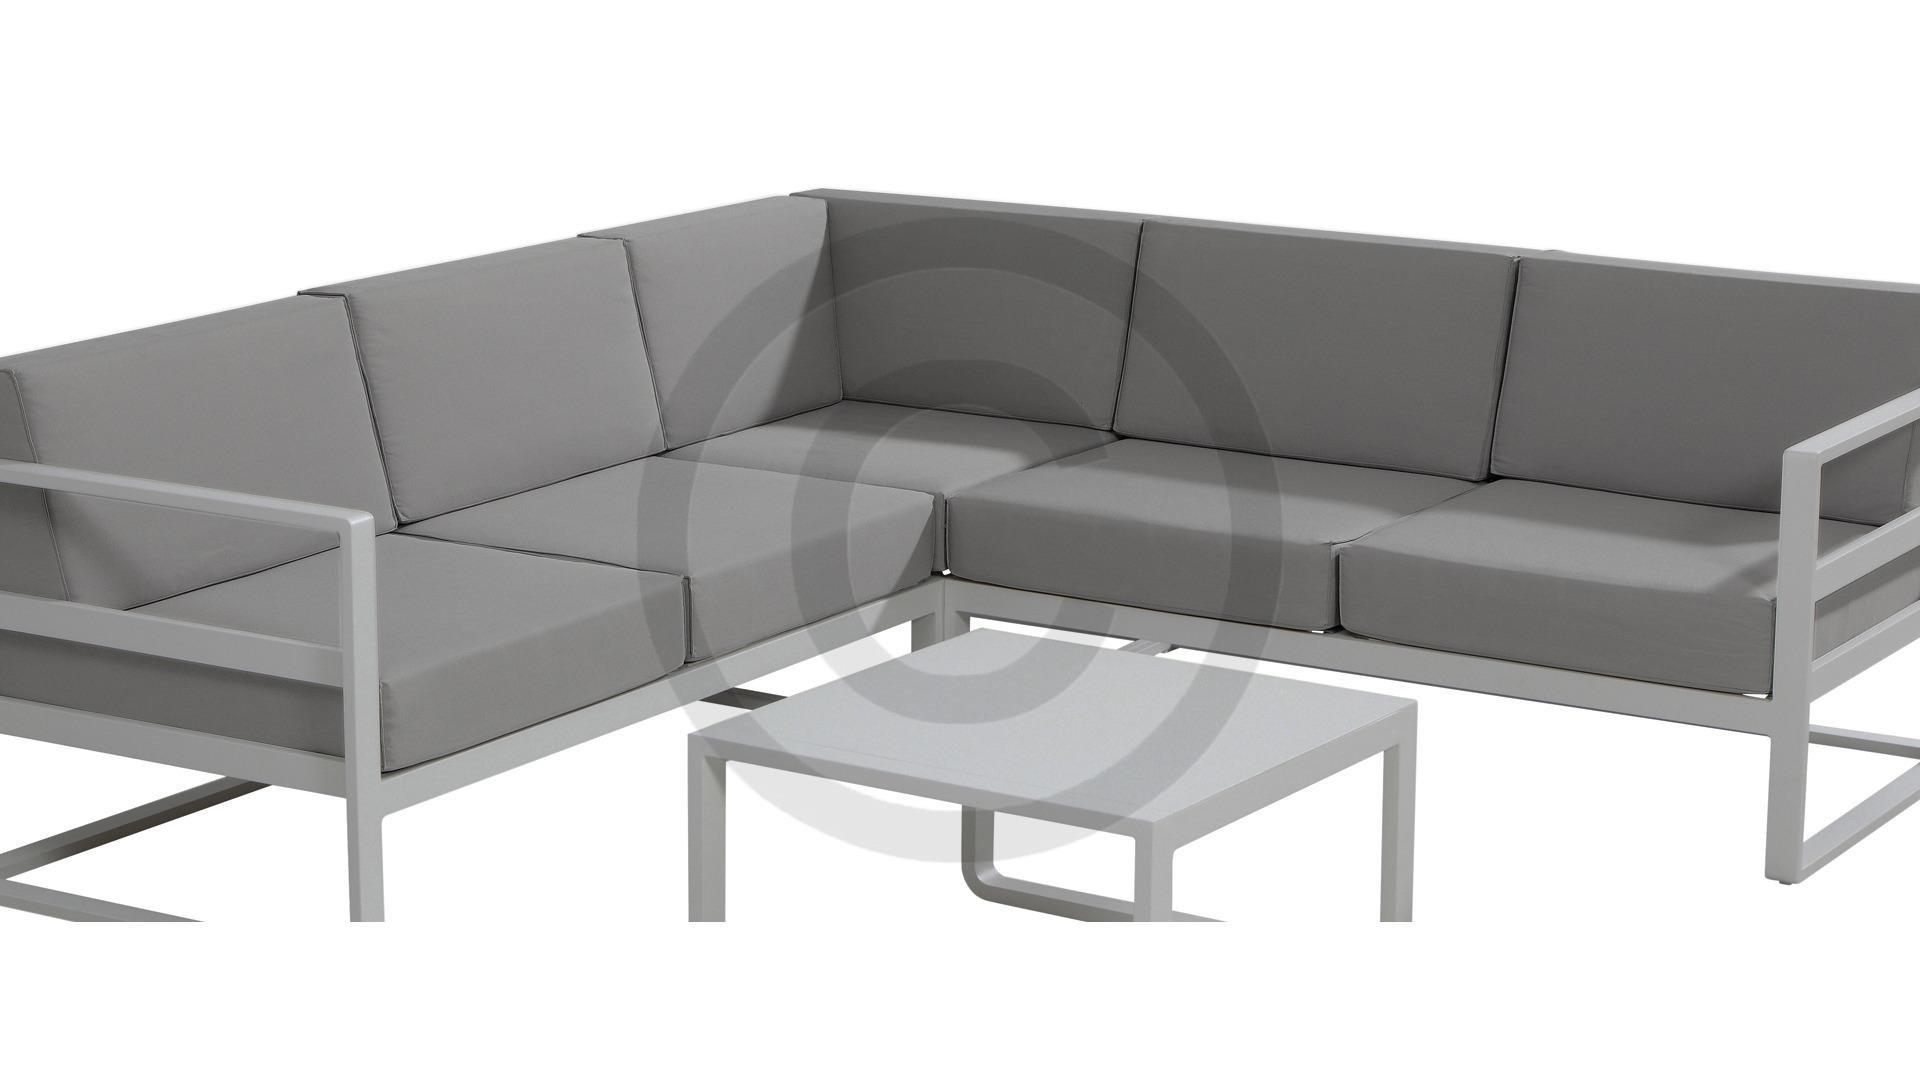 Standaard Kussens Loungeset.Taste By 4 Seasons Aruba Loungeset Slate Grey Tuinmeubelkorting Nl